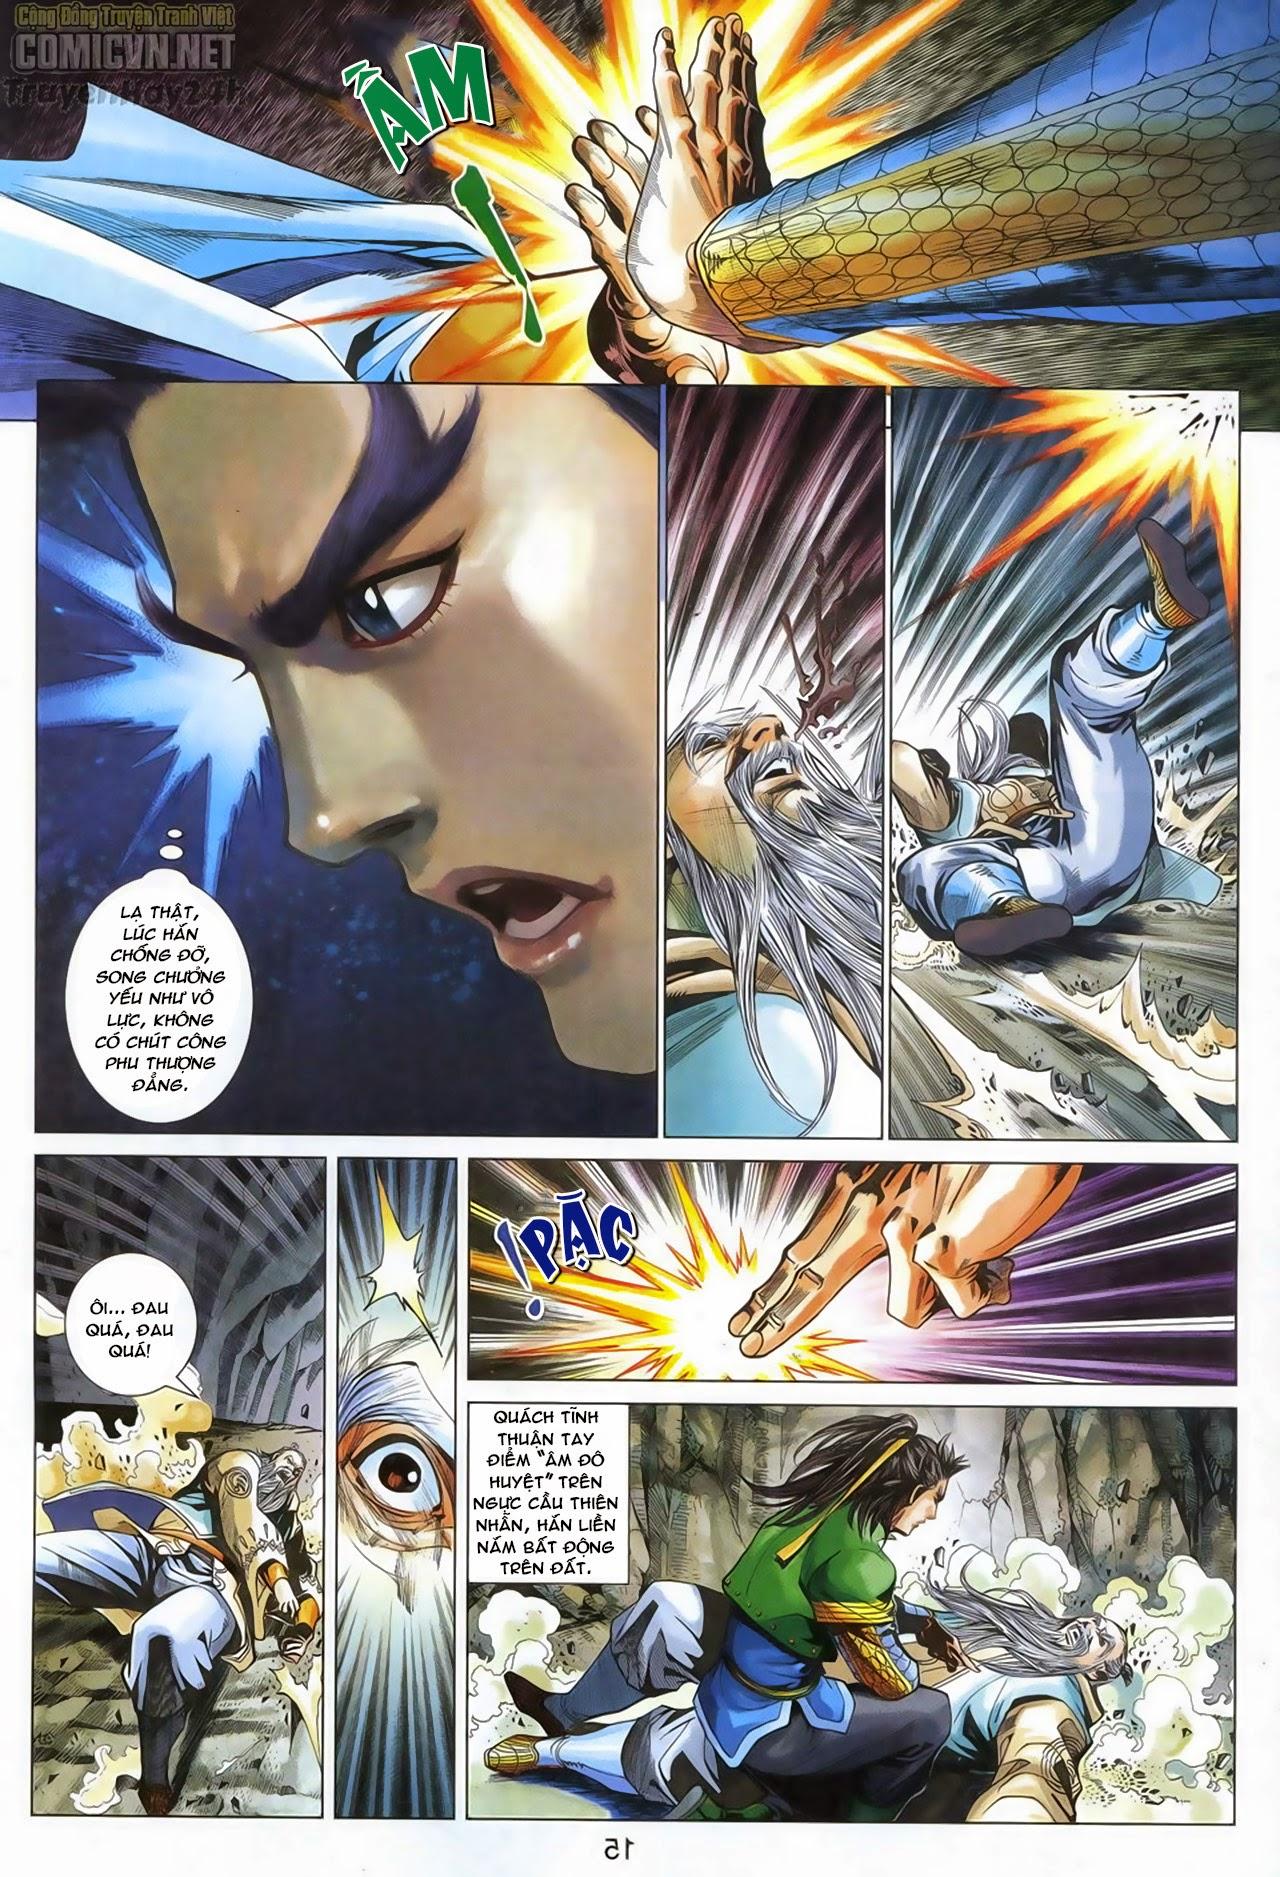 Anh Hùng Xạ Điêu anh hùng xạ đêu chap 69: hồn đoạn thiết chưởng phong trang 16